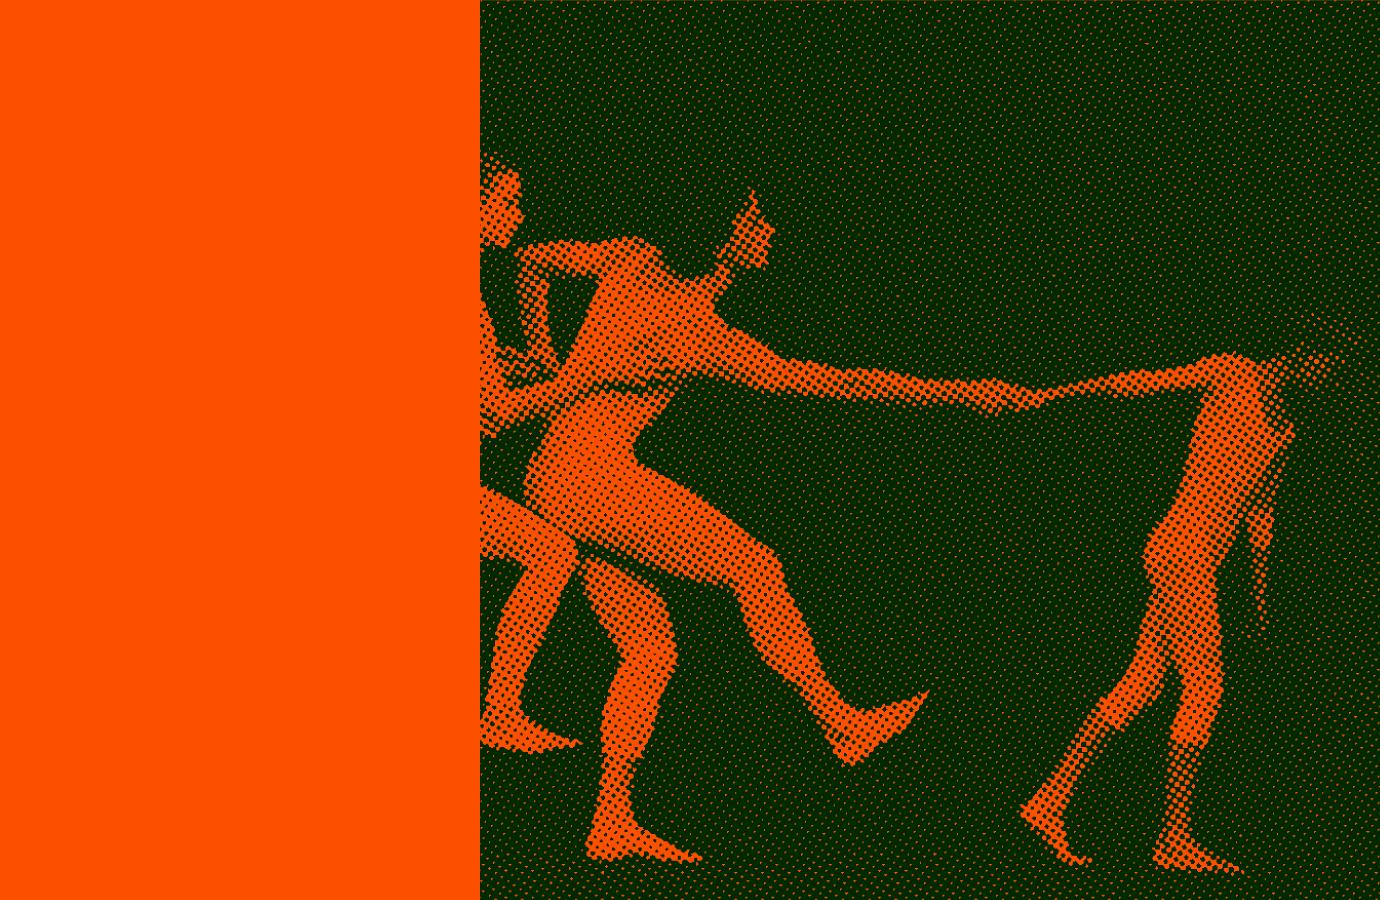 Corpuri și povești (in)vizibile - tururi performative ghidate de Virginia Negru